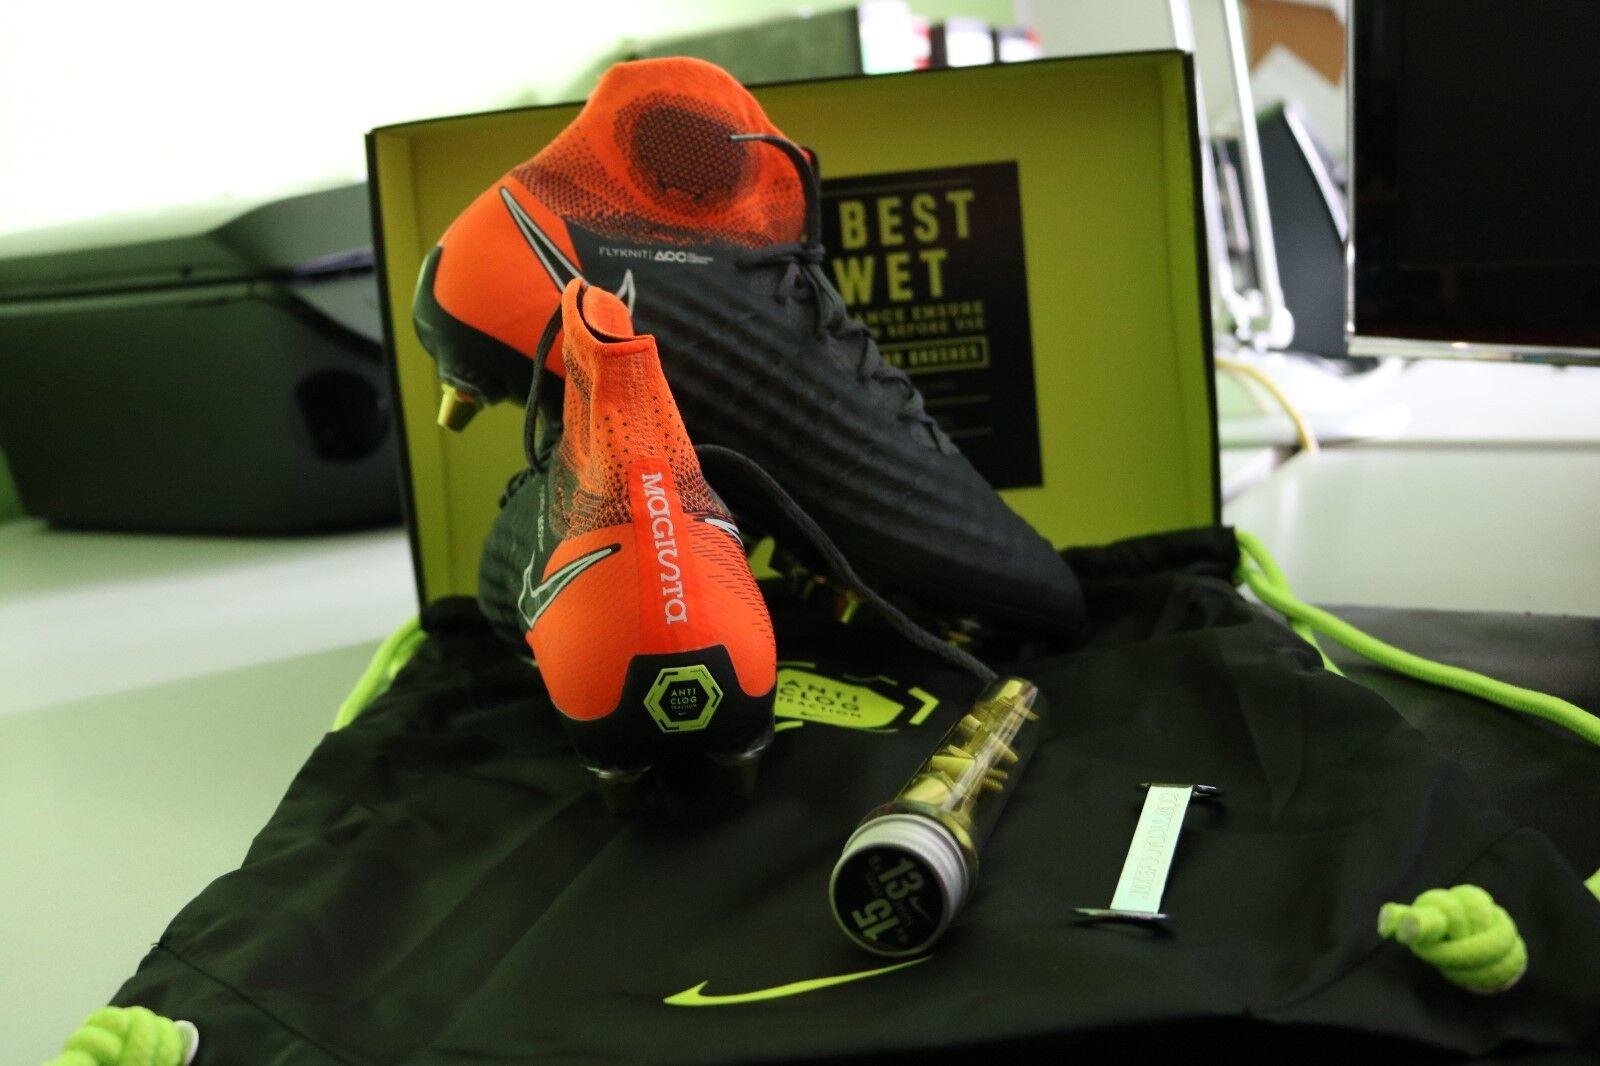 NEU Nike Magista Obra 2 Elite DF SG-PRO Anticlog AH7304080 AH7304080 AH7304080 Gr. 40 bis 45 f9d1a8